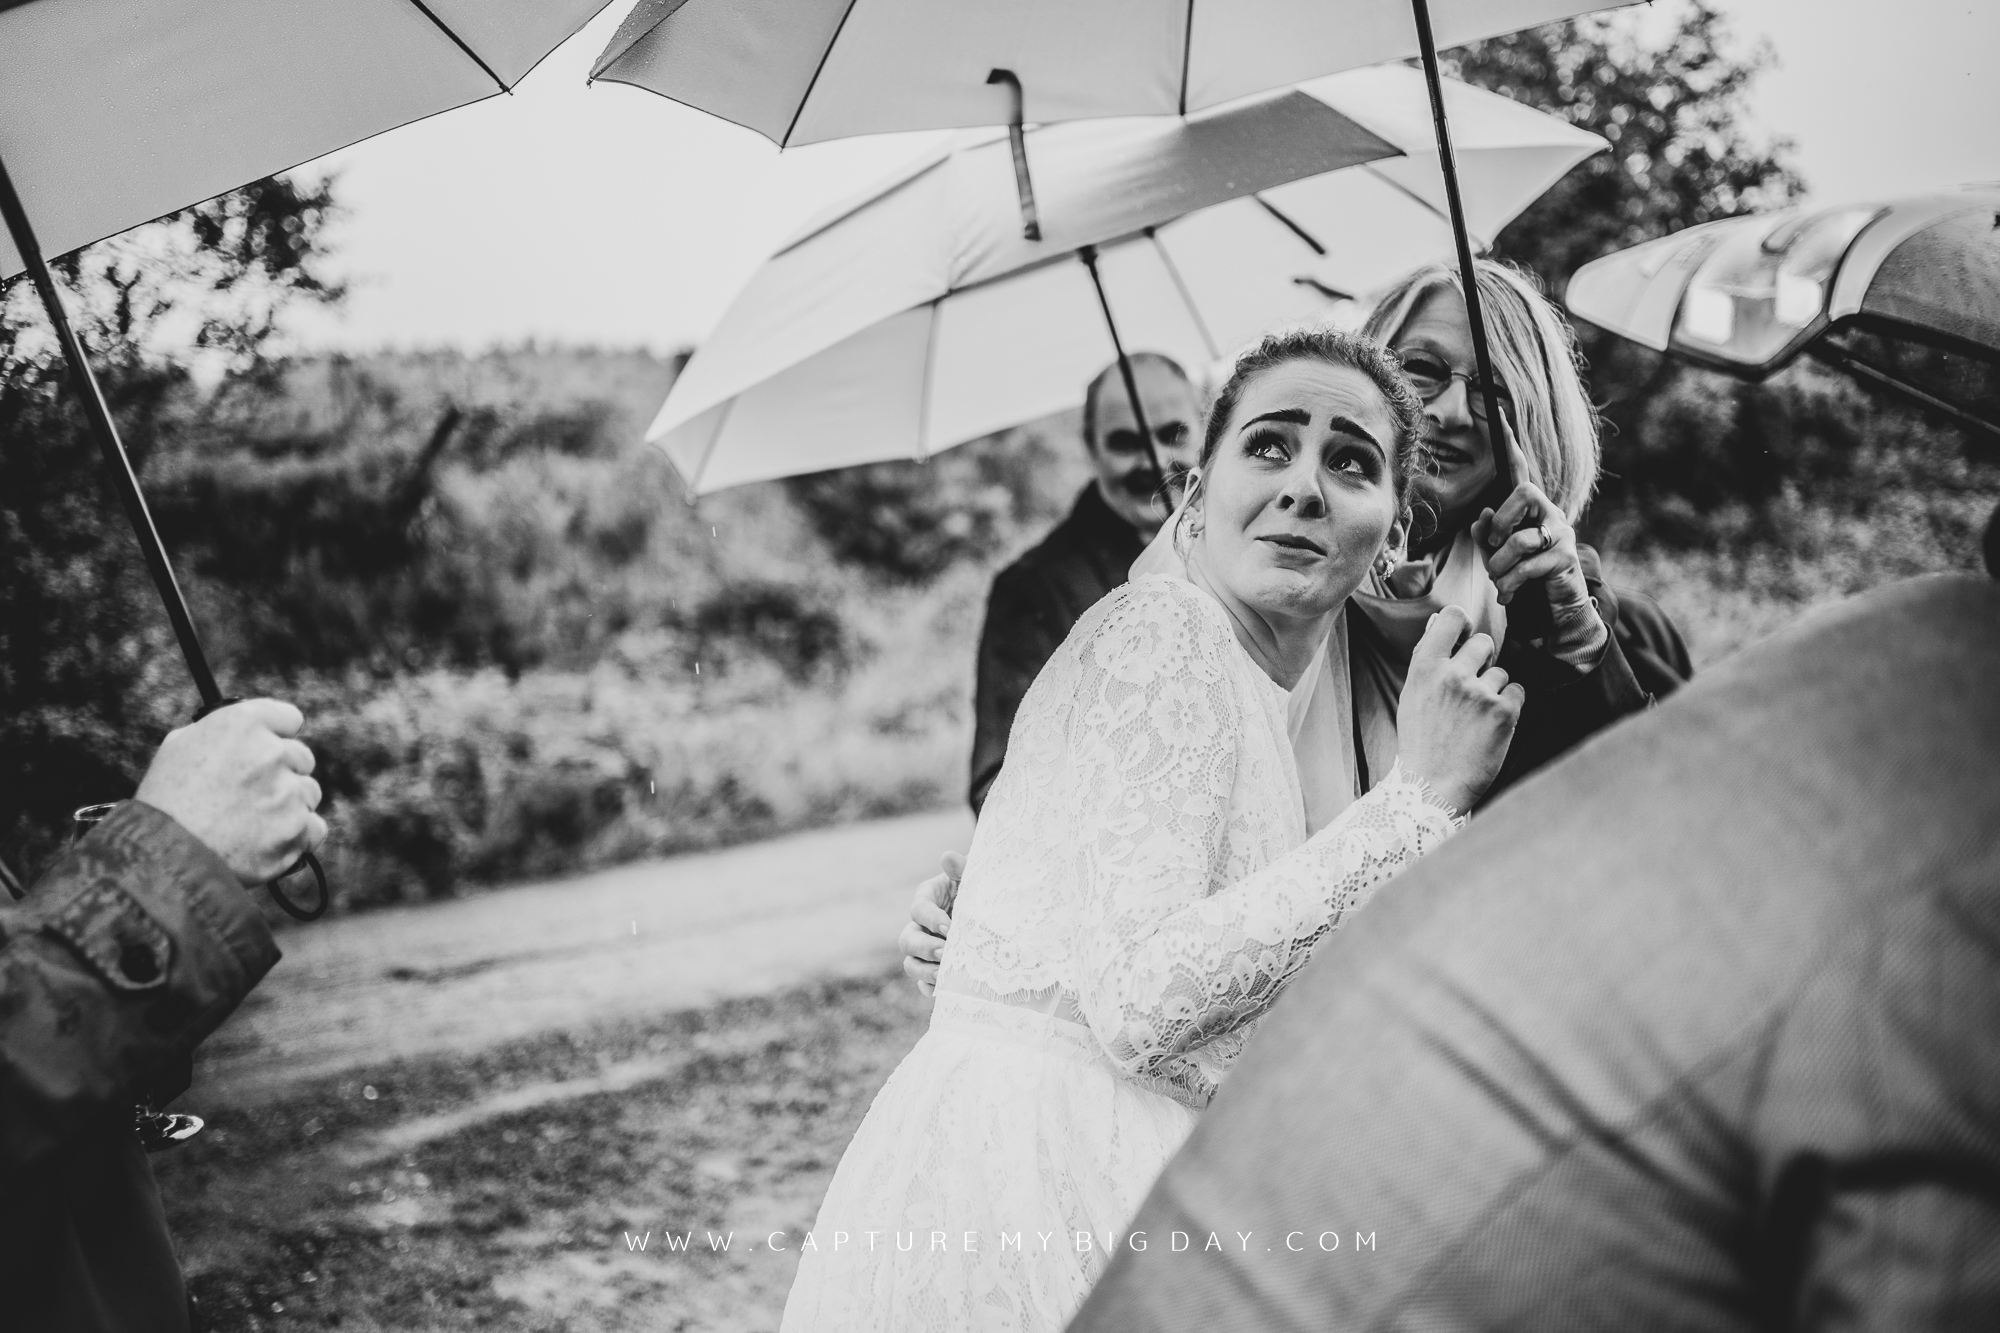 bride trying not to get wet under umbrella